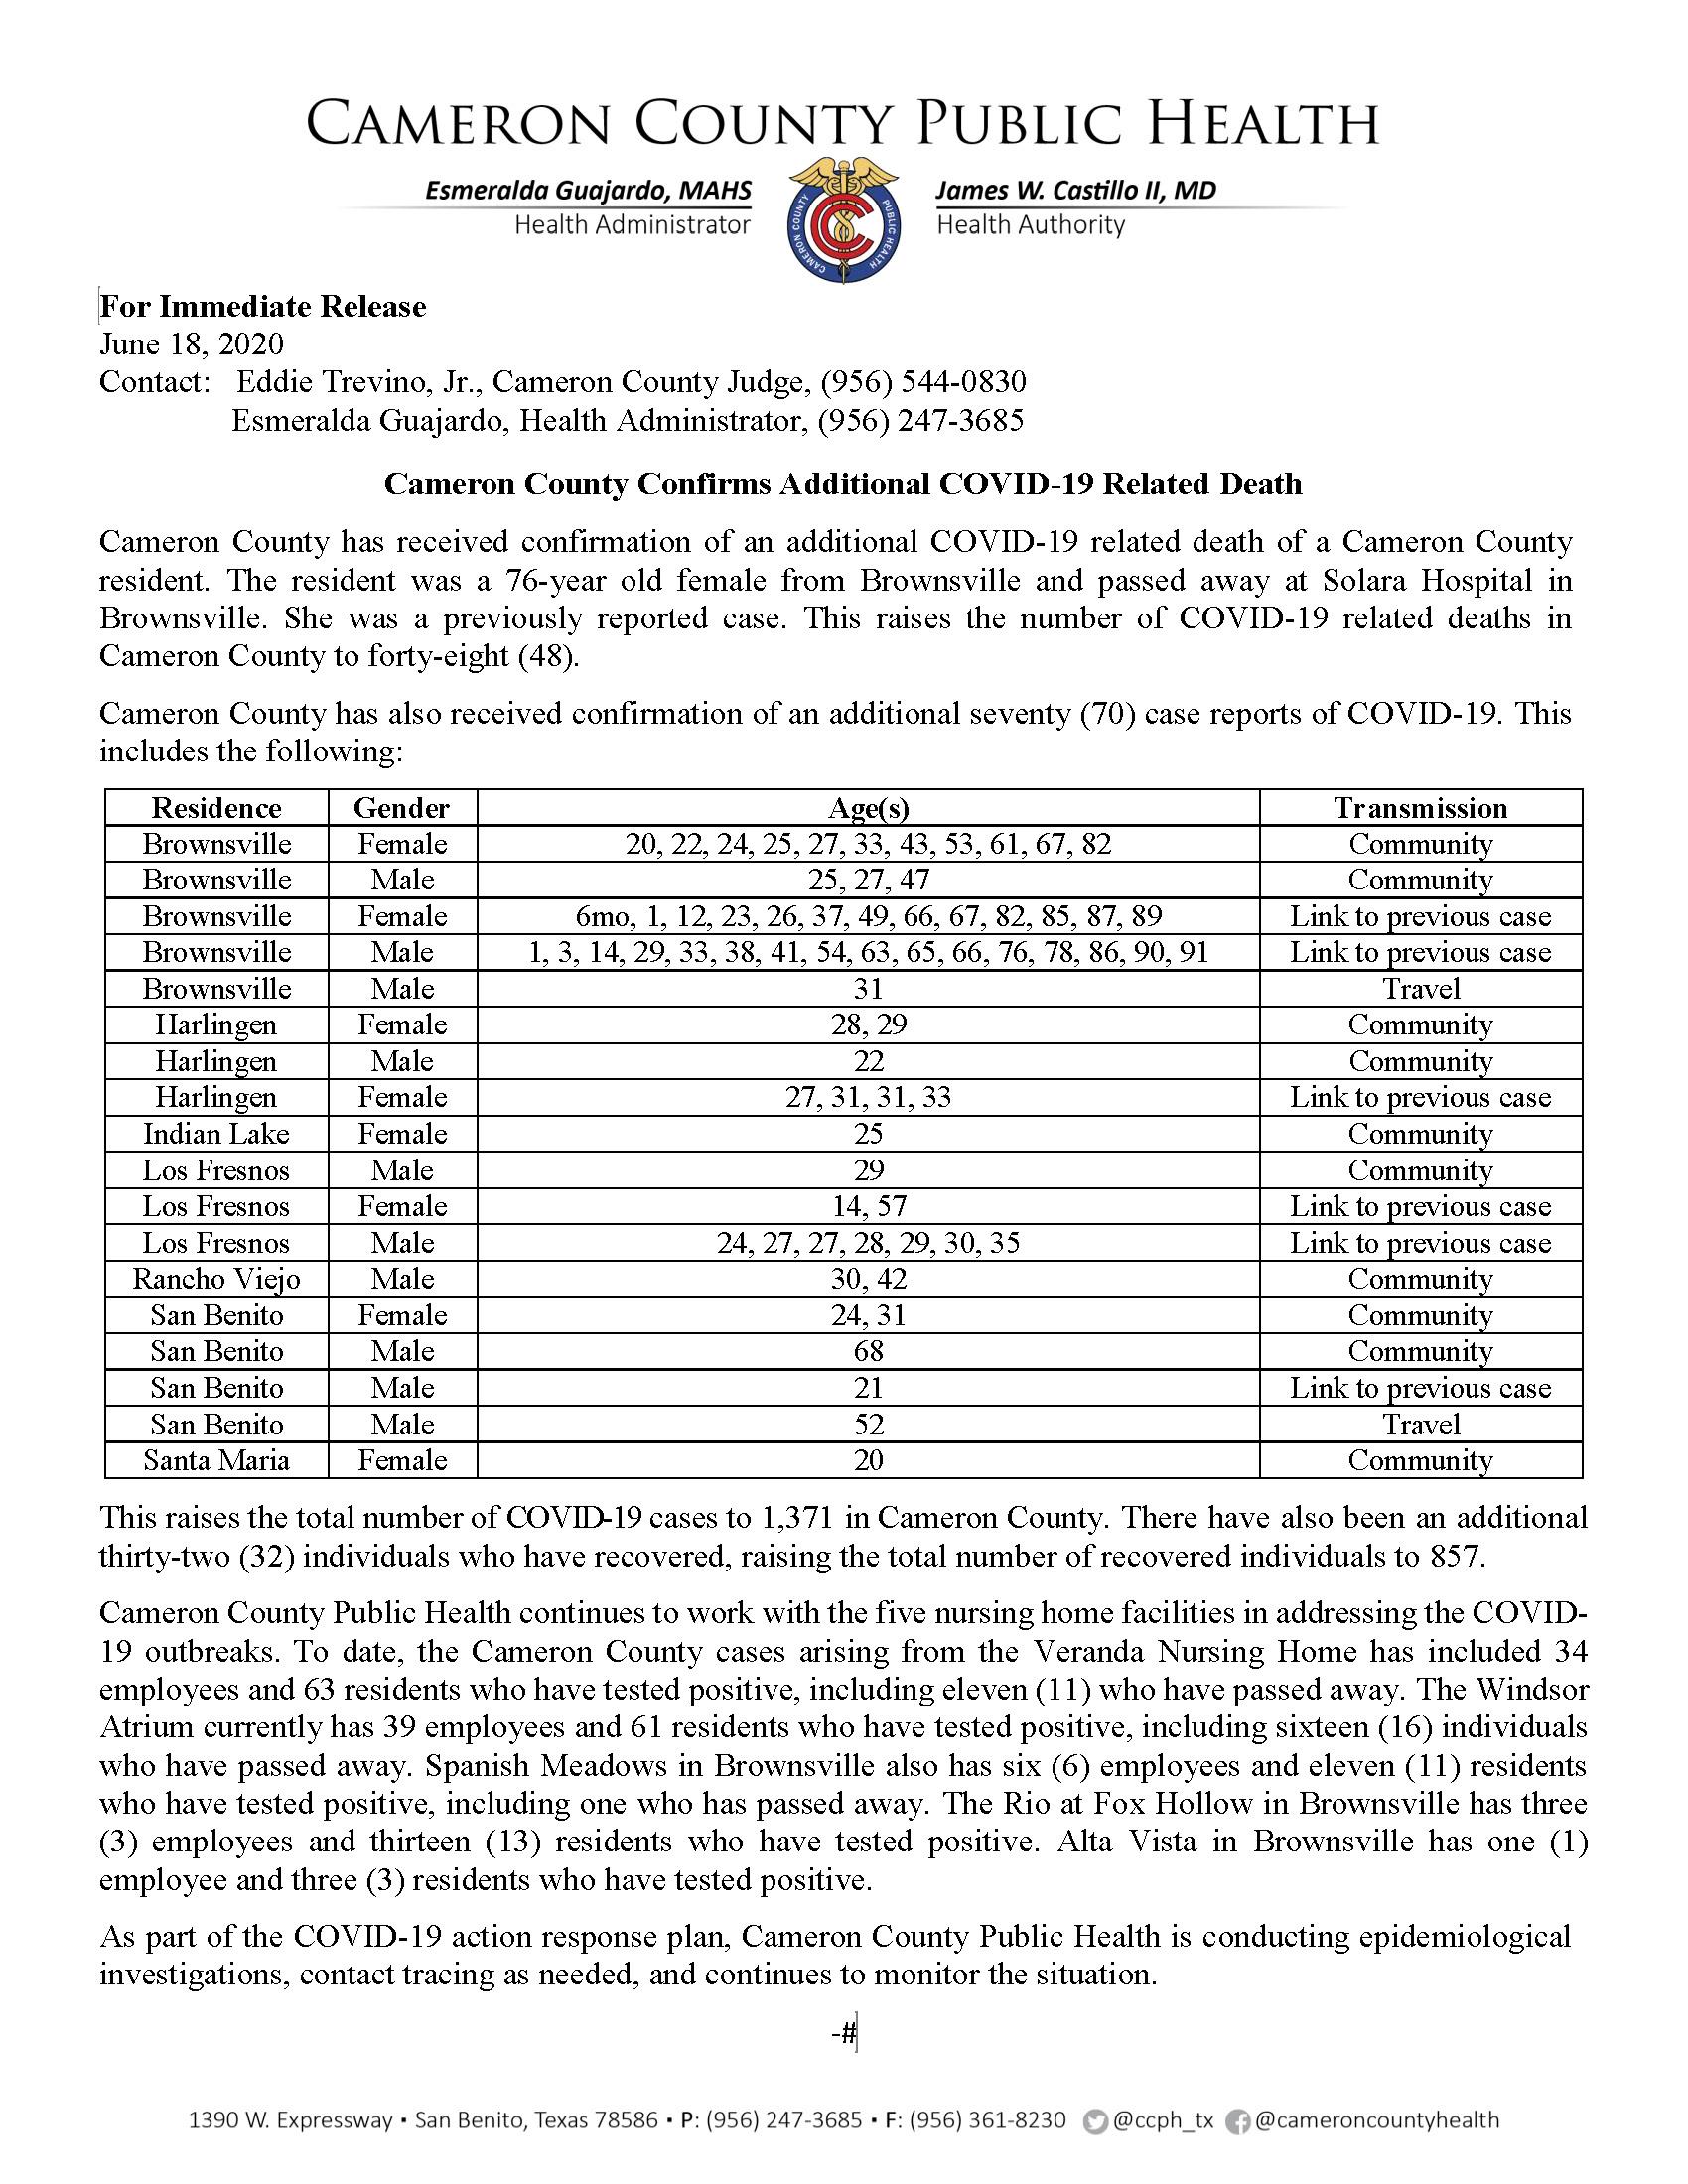 COVID 19 Press Release 1302 1371 PR76 06 18 2020